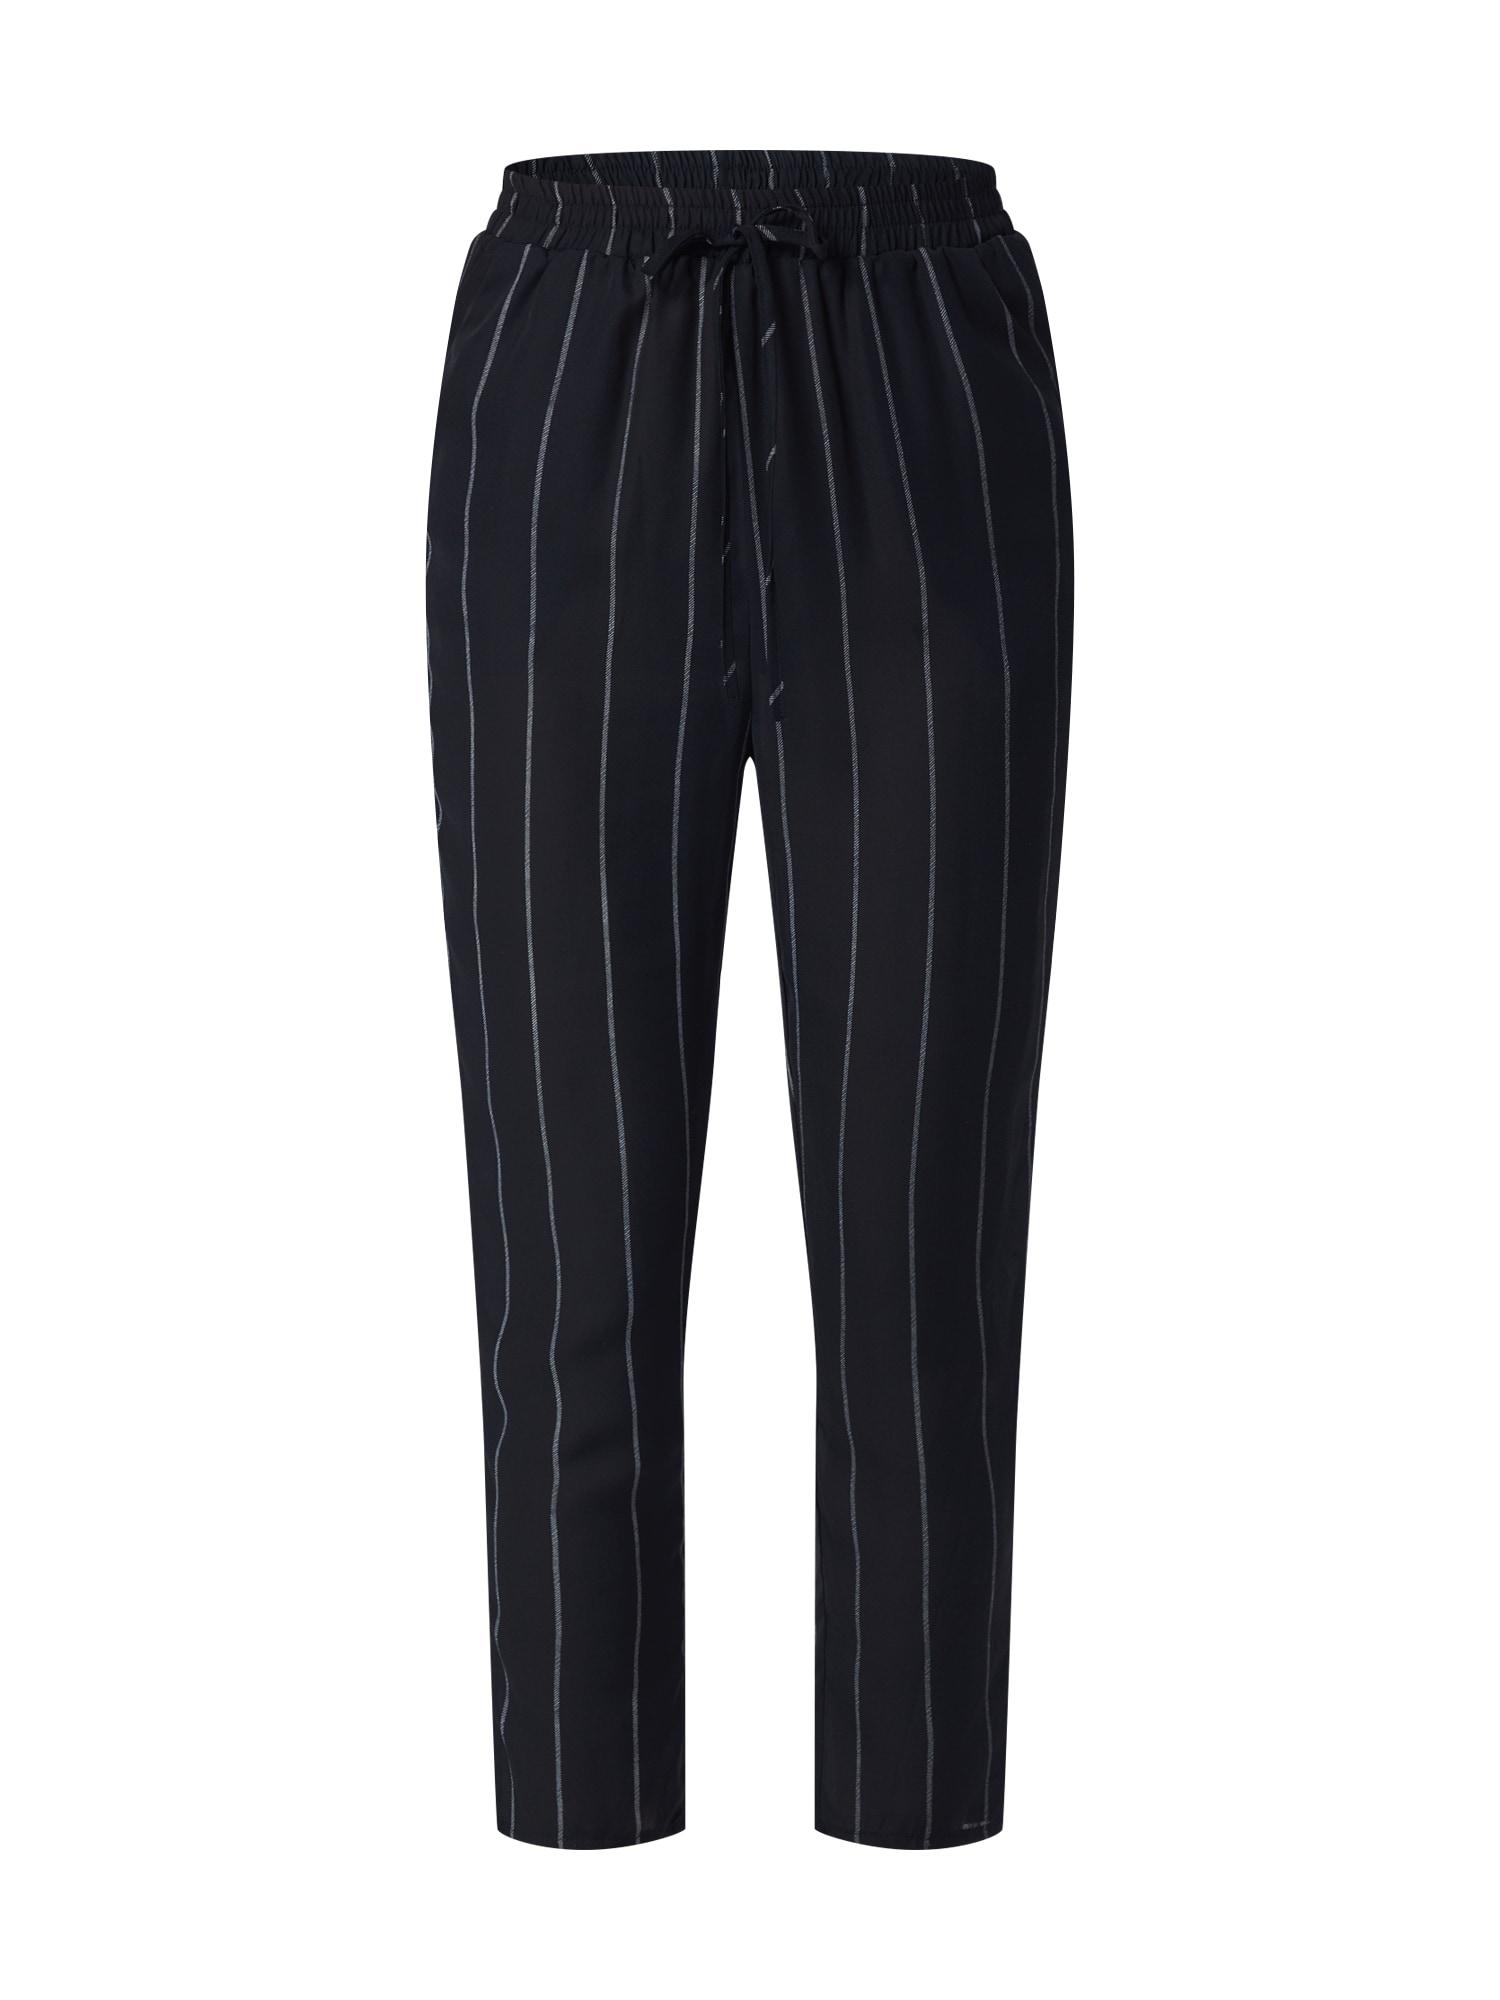 Kalhoty STRIPE TIE WAIST TROUSER černá přírodní bílá Missguided